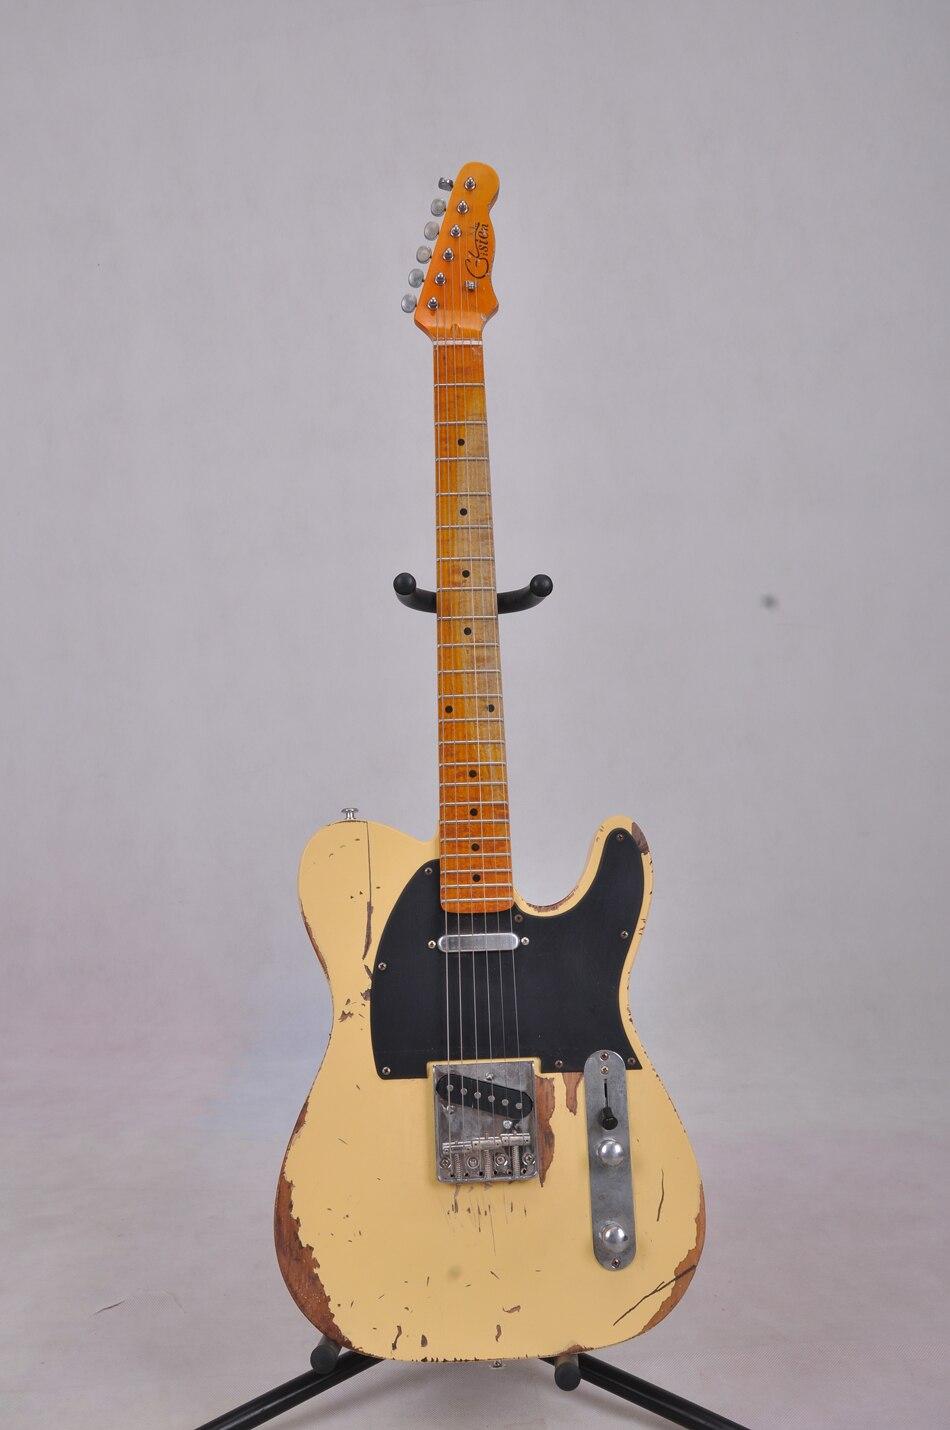 Gisten fabrique toutes sortes de guitare électrique, corps en aulne, érable touche, vintage guitare, guitare électrique, visiter le